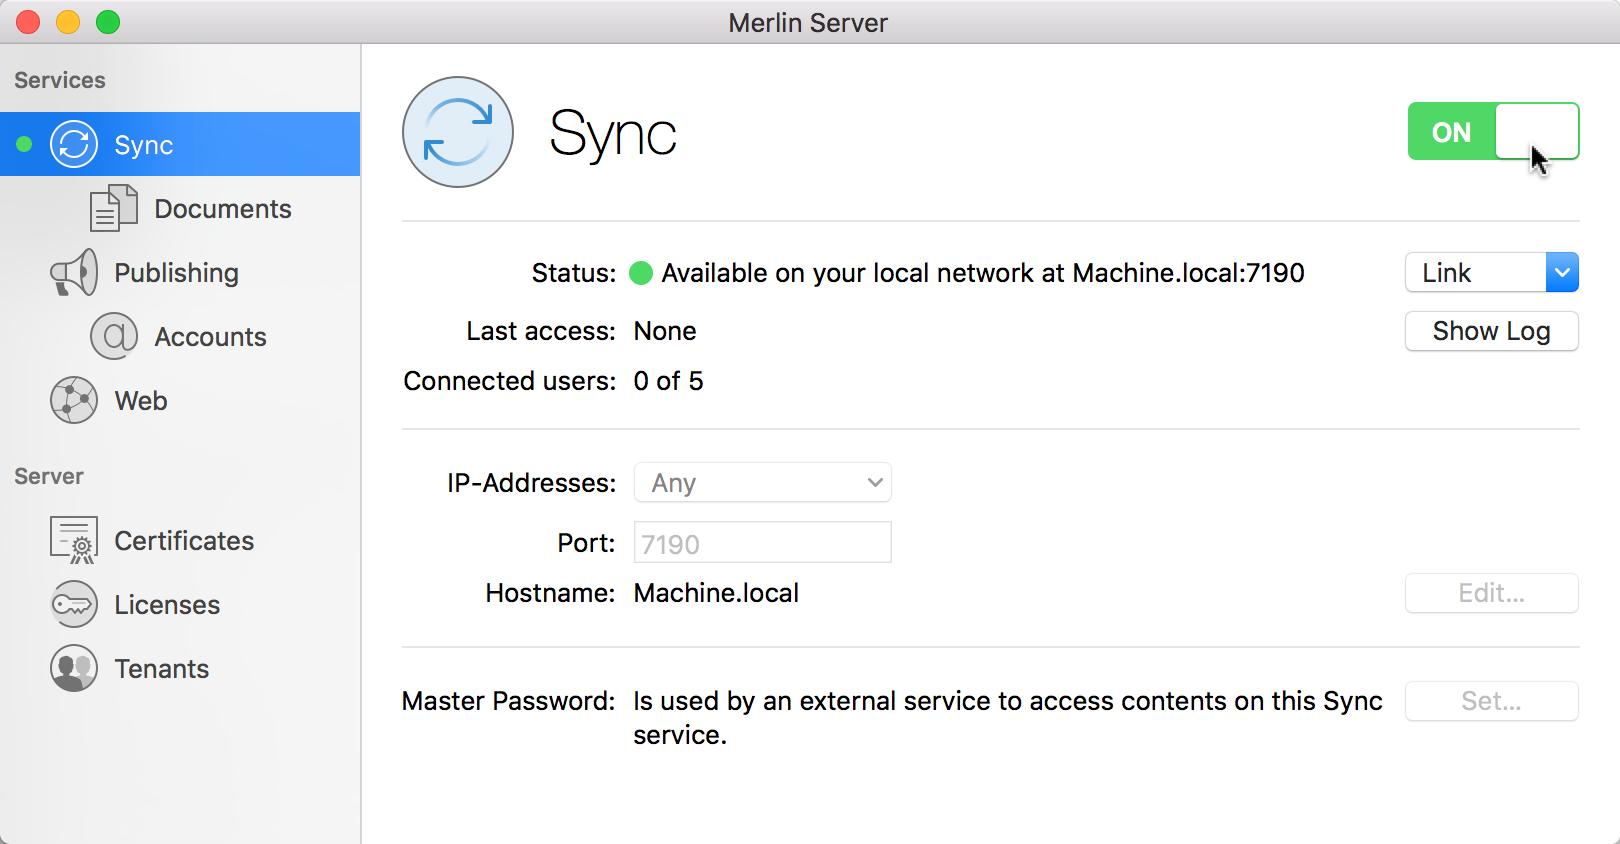 Merlin Server: Guide